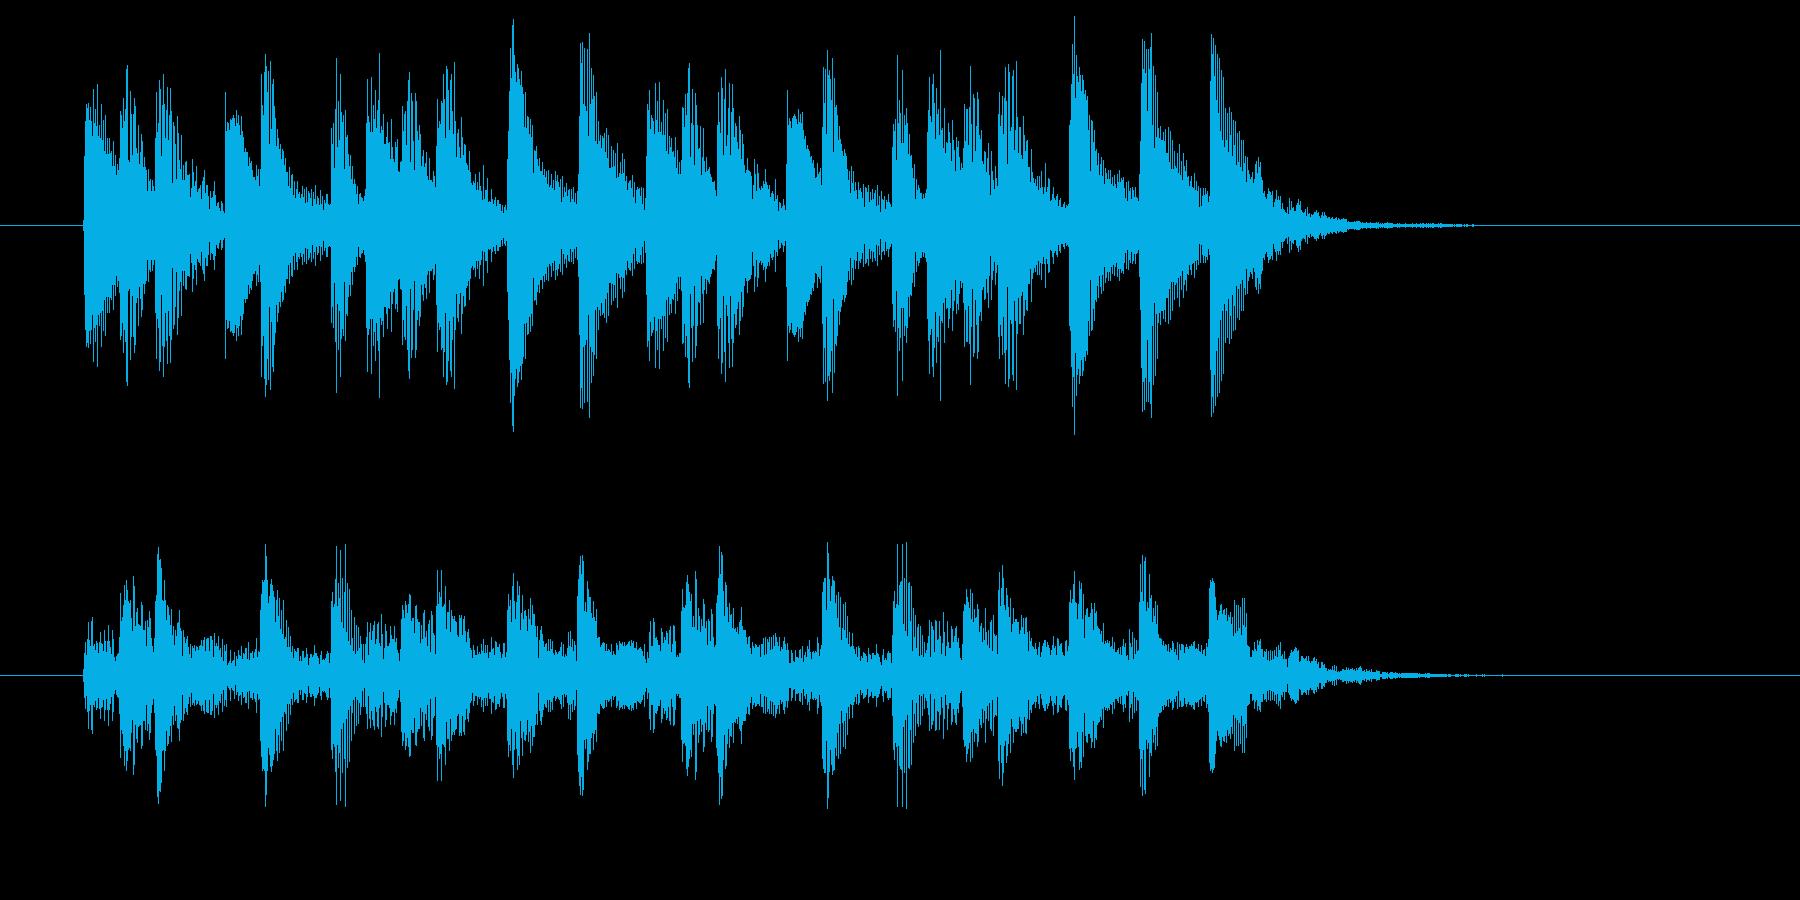 神秘的で幻想的な木琴ジングルの再生済みの波形